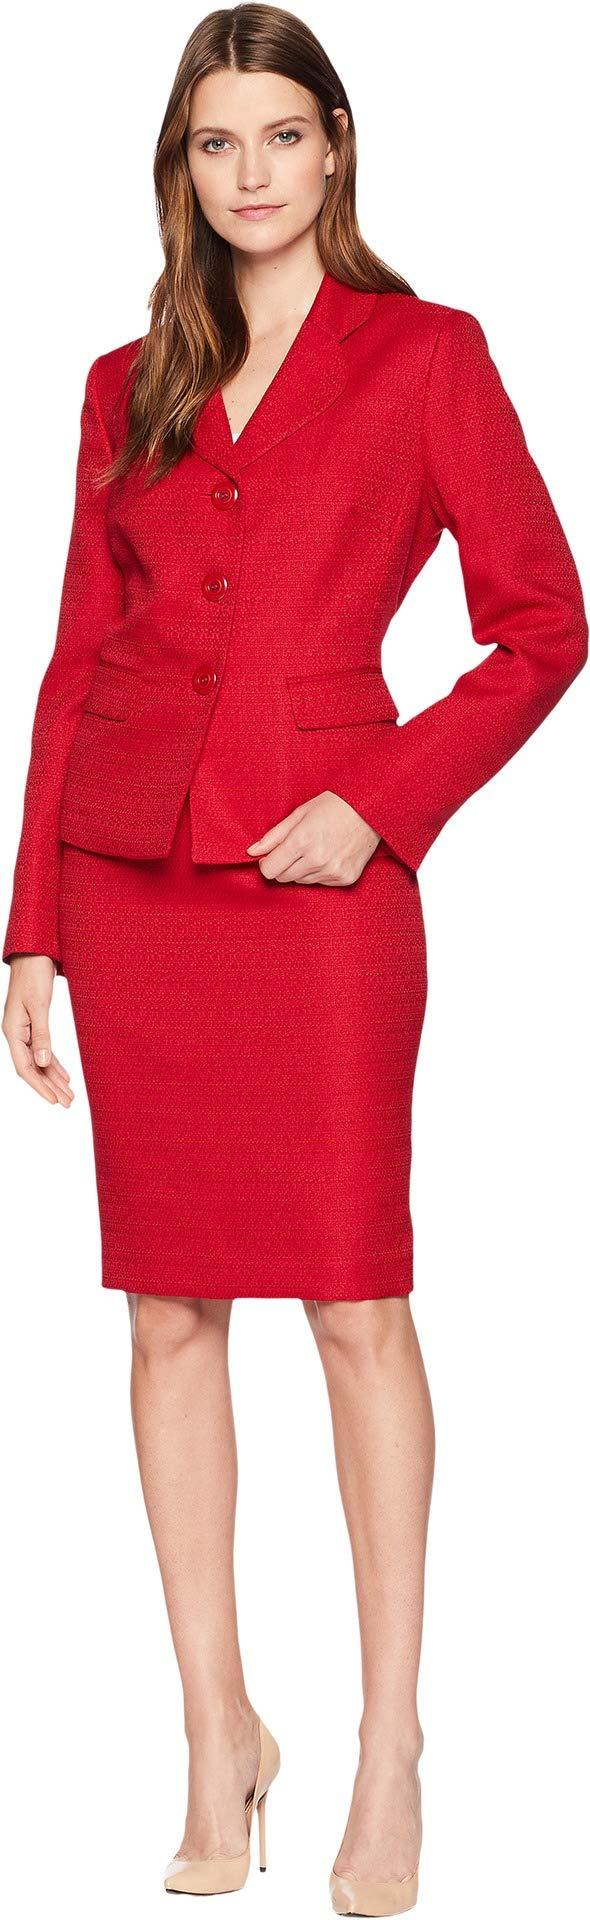 Le Suit Women's Tweed 3 Button Jacket Skirt Suit, Scarlet, 16